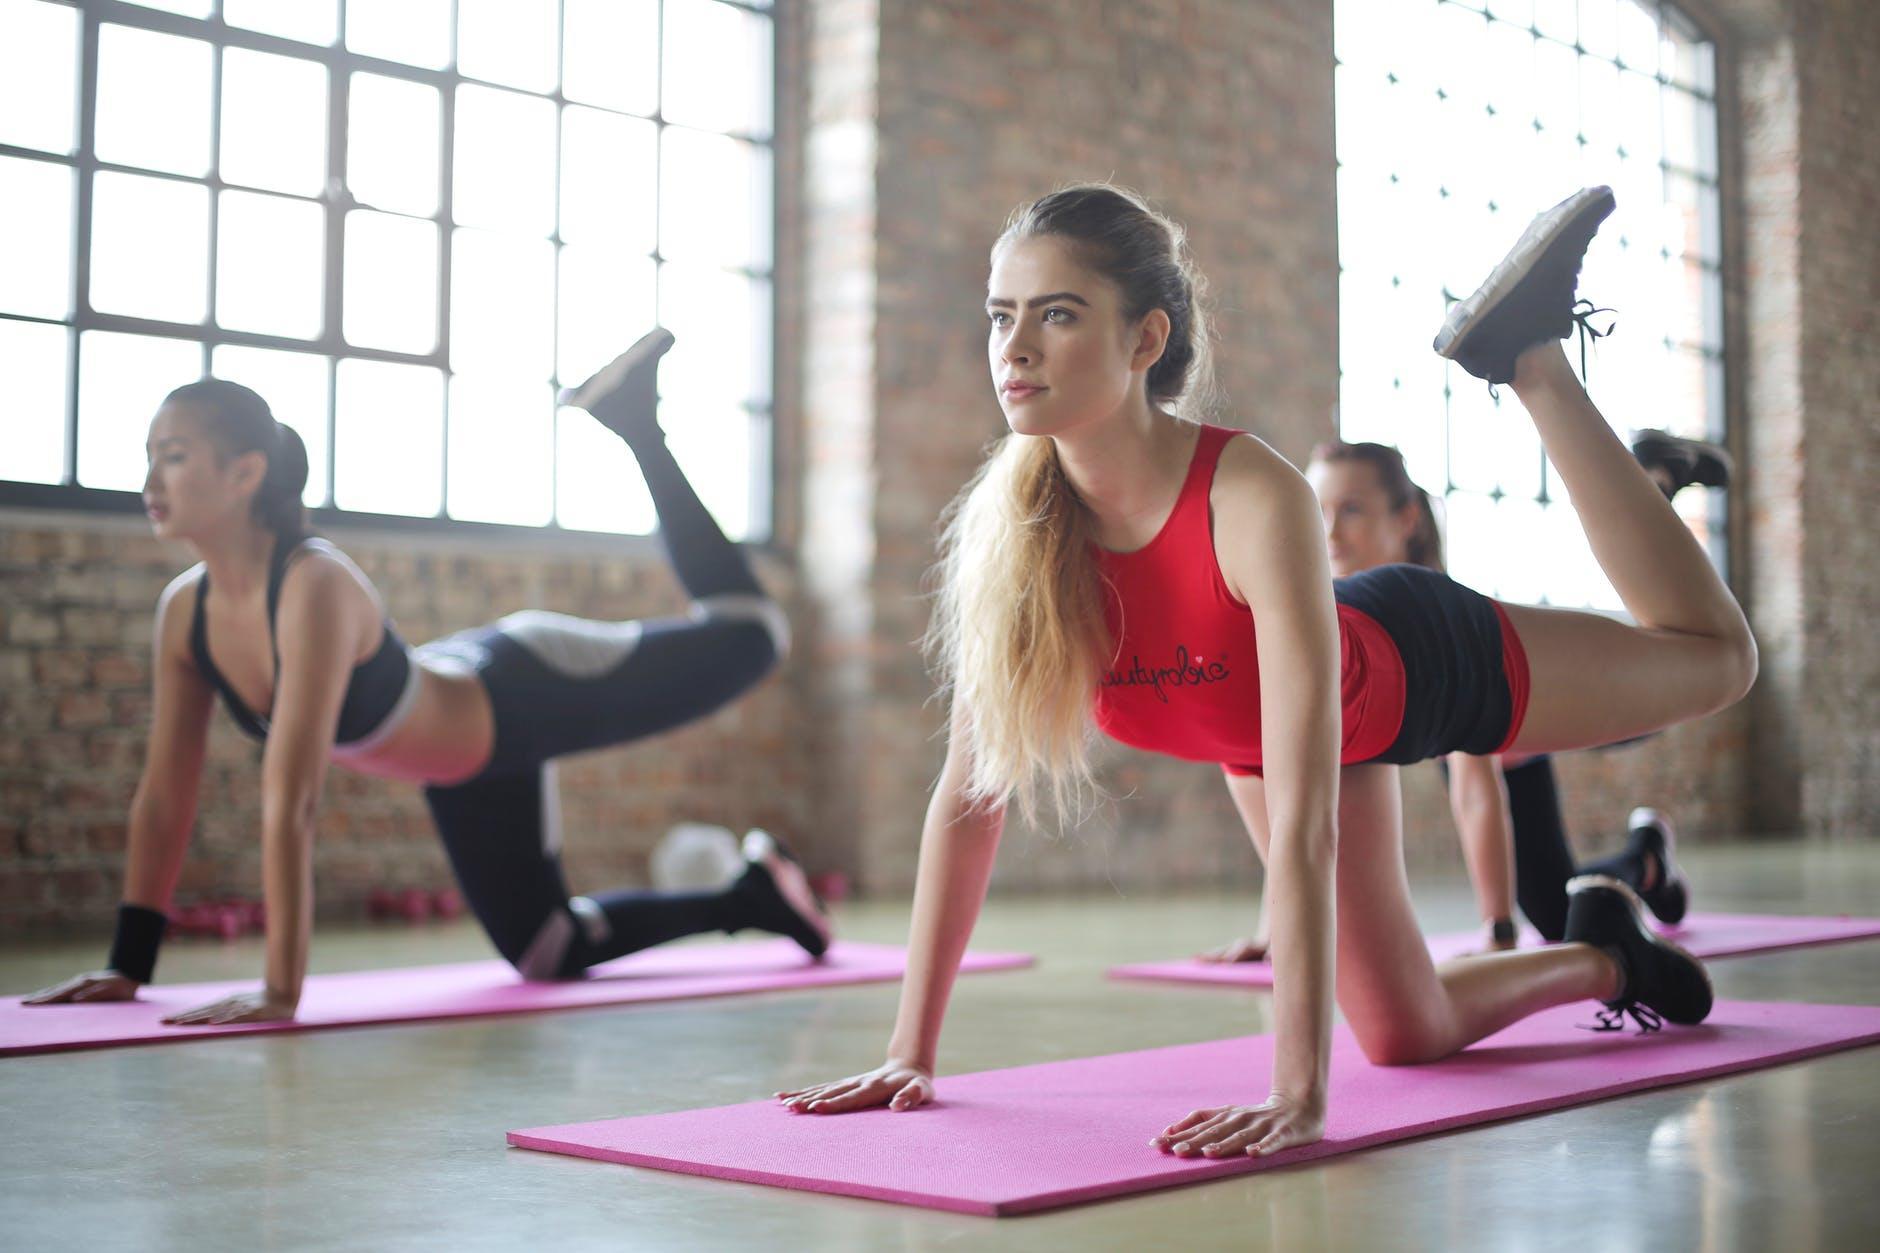 Beneficii ale exercitiilor fizice si selectia adecvata a echipamentelor de fitness